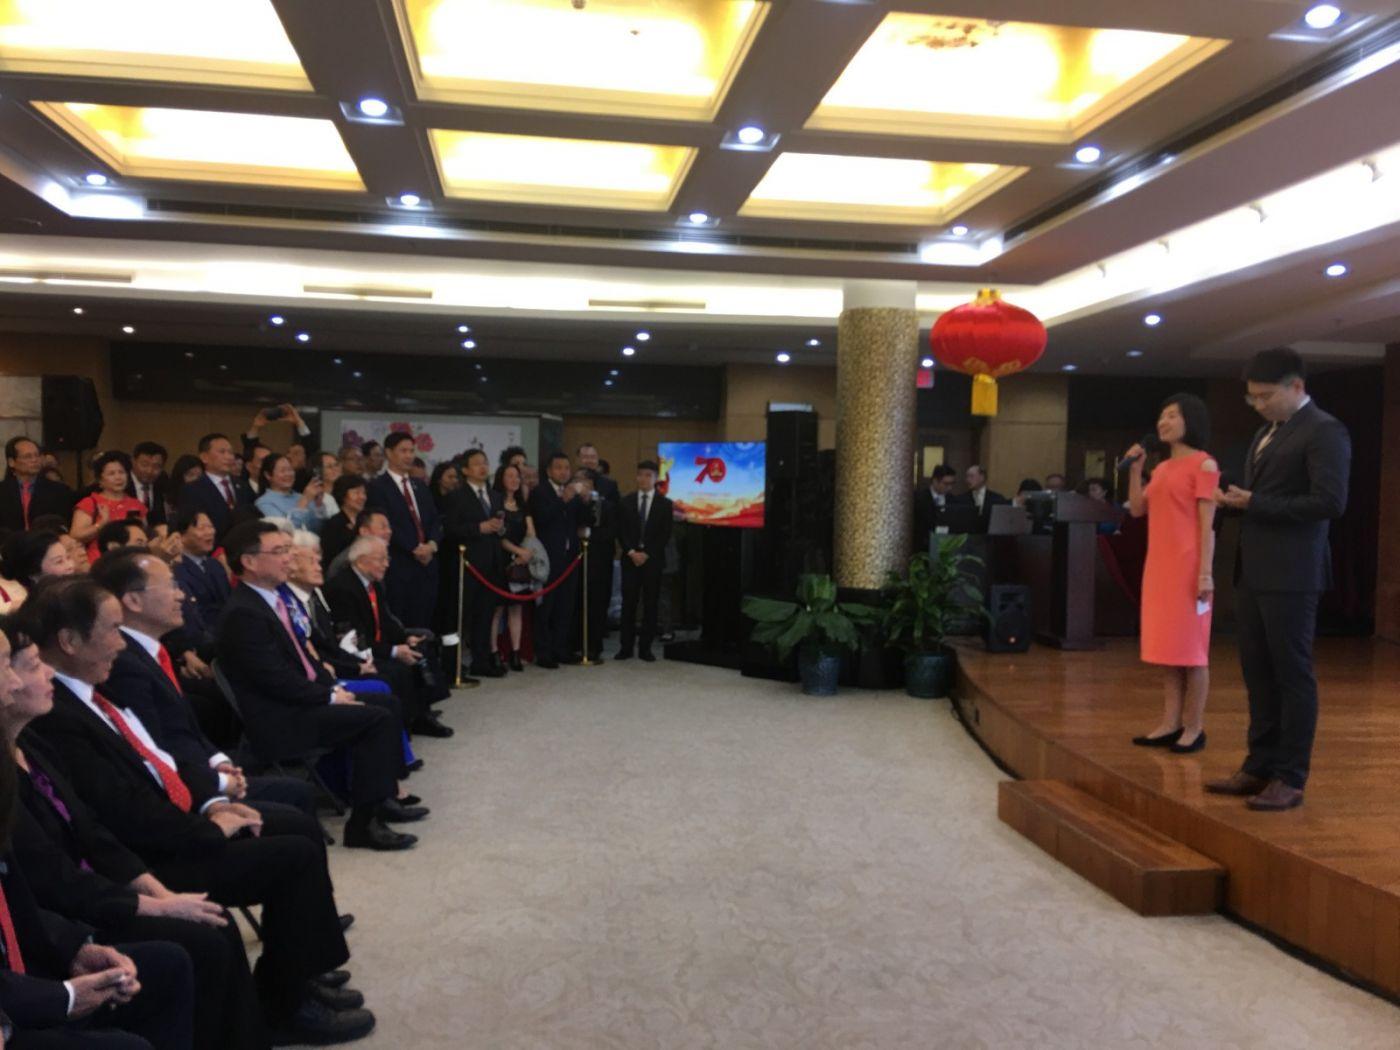 中国驻纽约总领事馆舉辦庆祝建国70周年招待會_图1-1